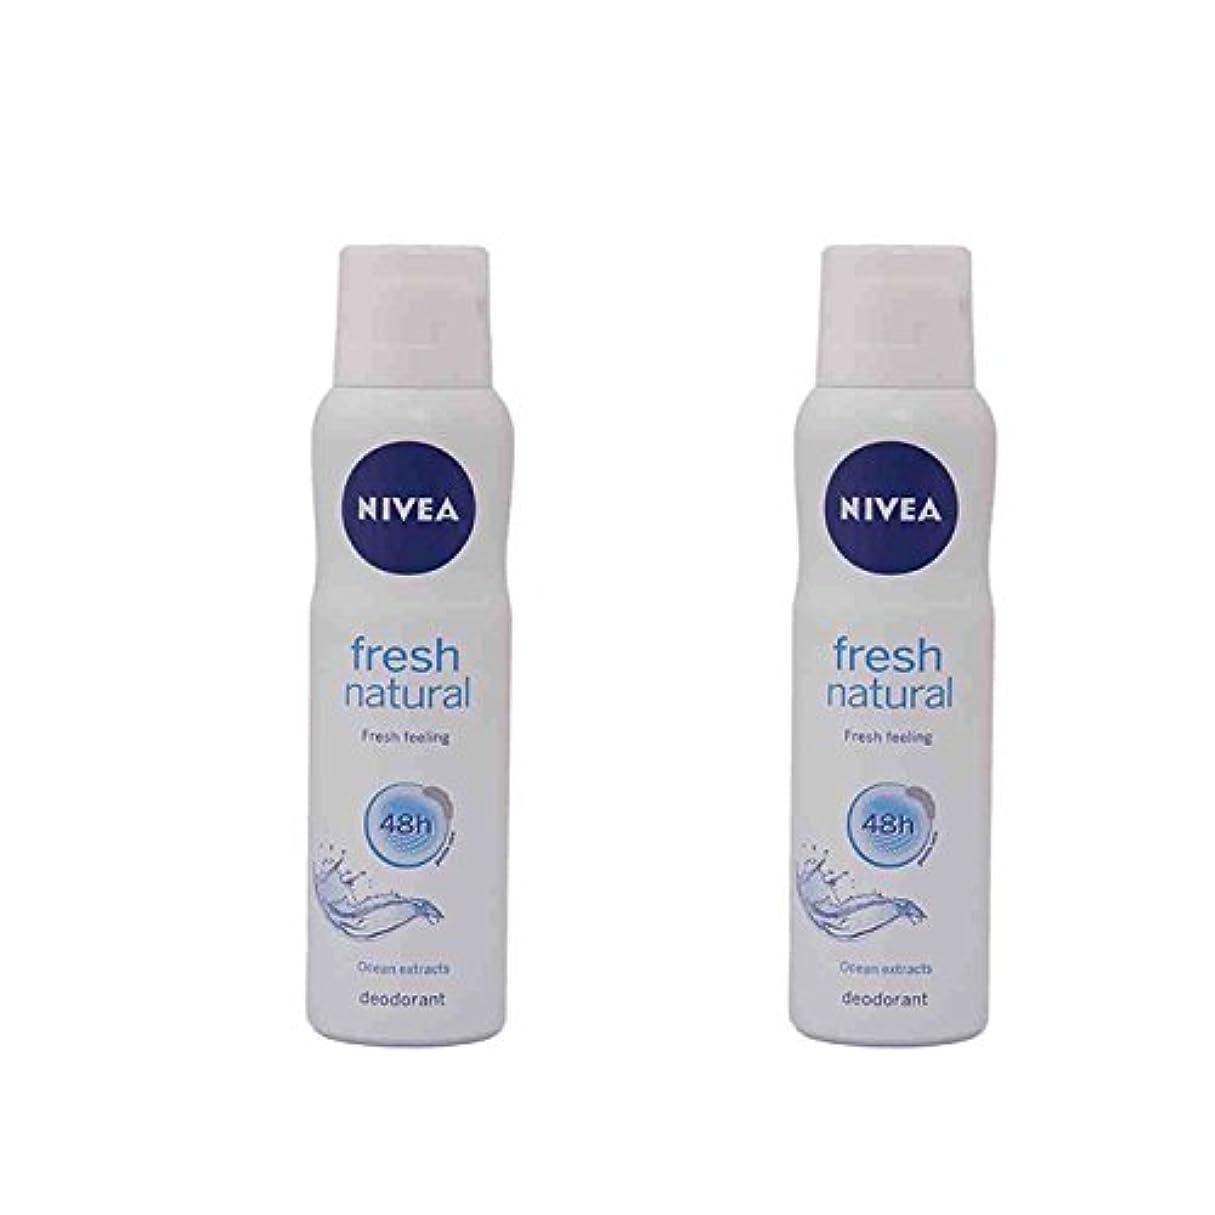 モルヒネ警告する残高2 Lots X Nivea For Women Fresh Natural Deodorant, 150ml - 並行輸入品 - 2ロットXニベア女性用フレッシュナチュラルデオドラント、150ml